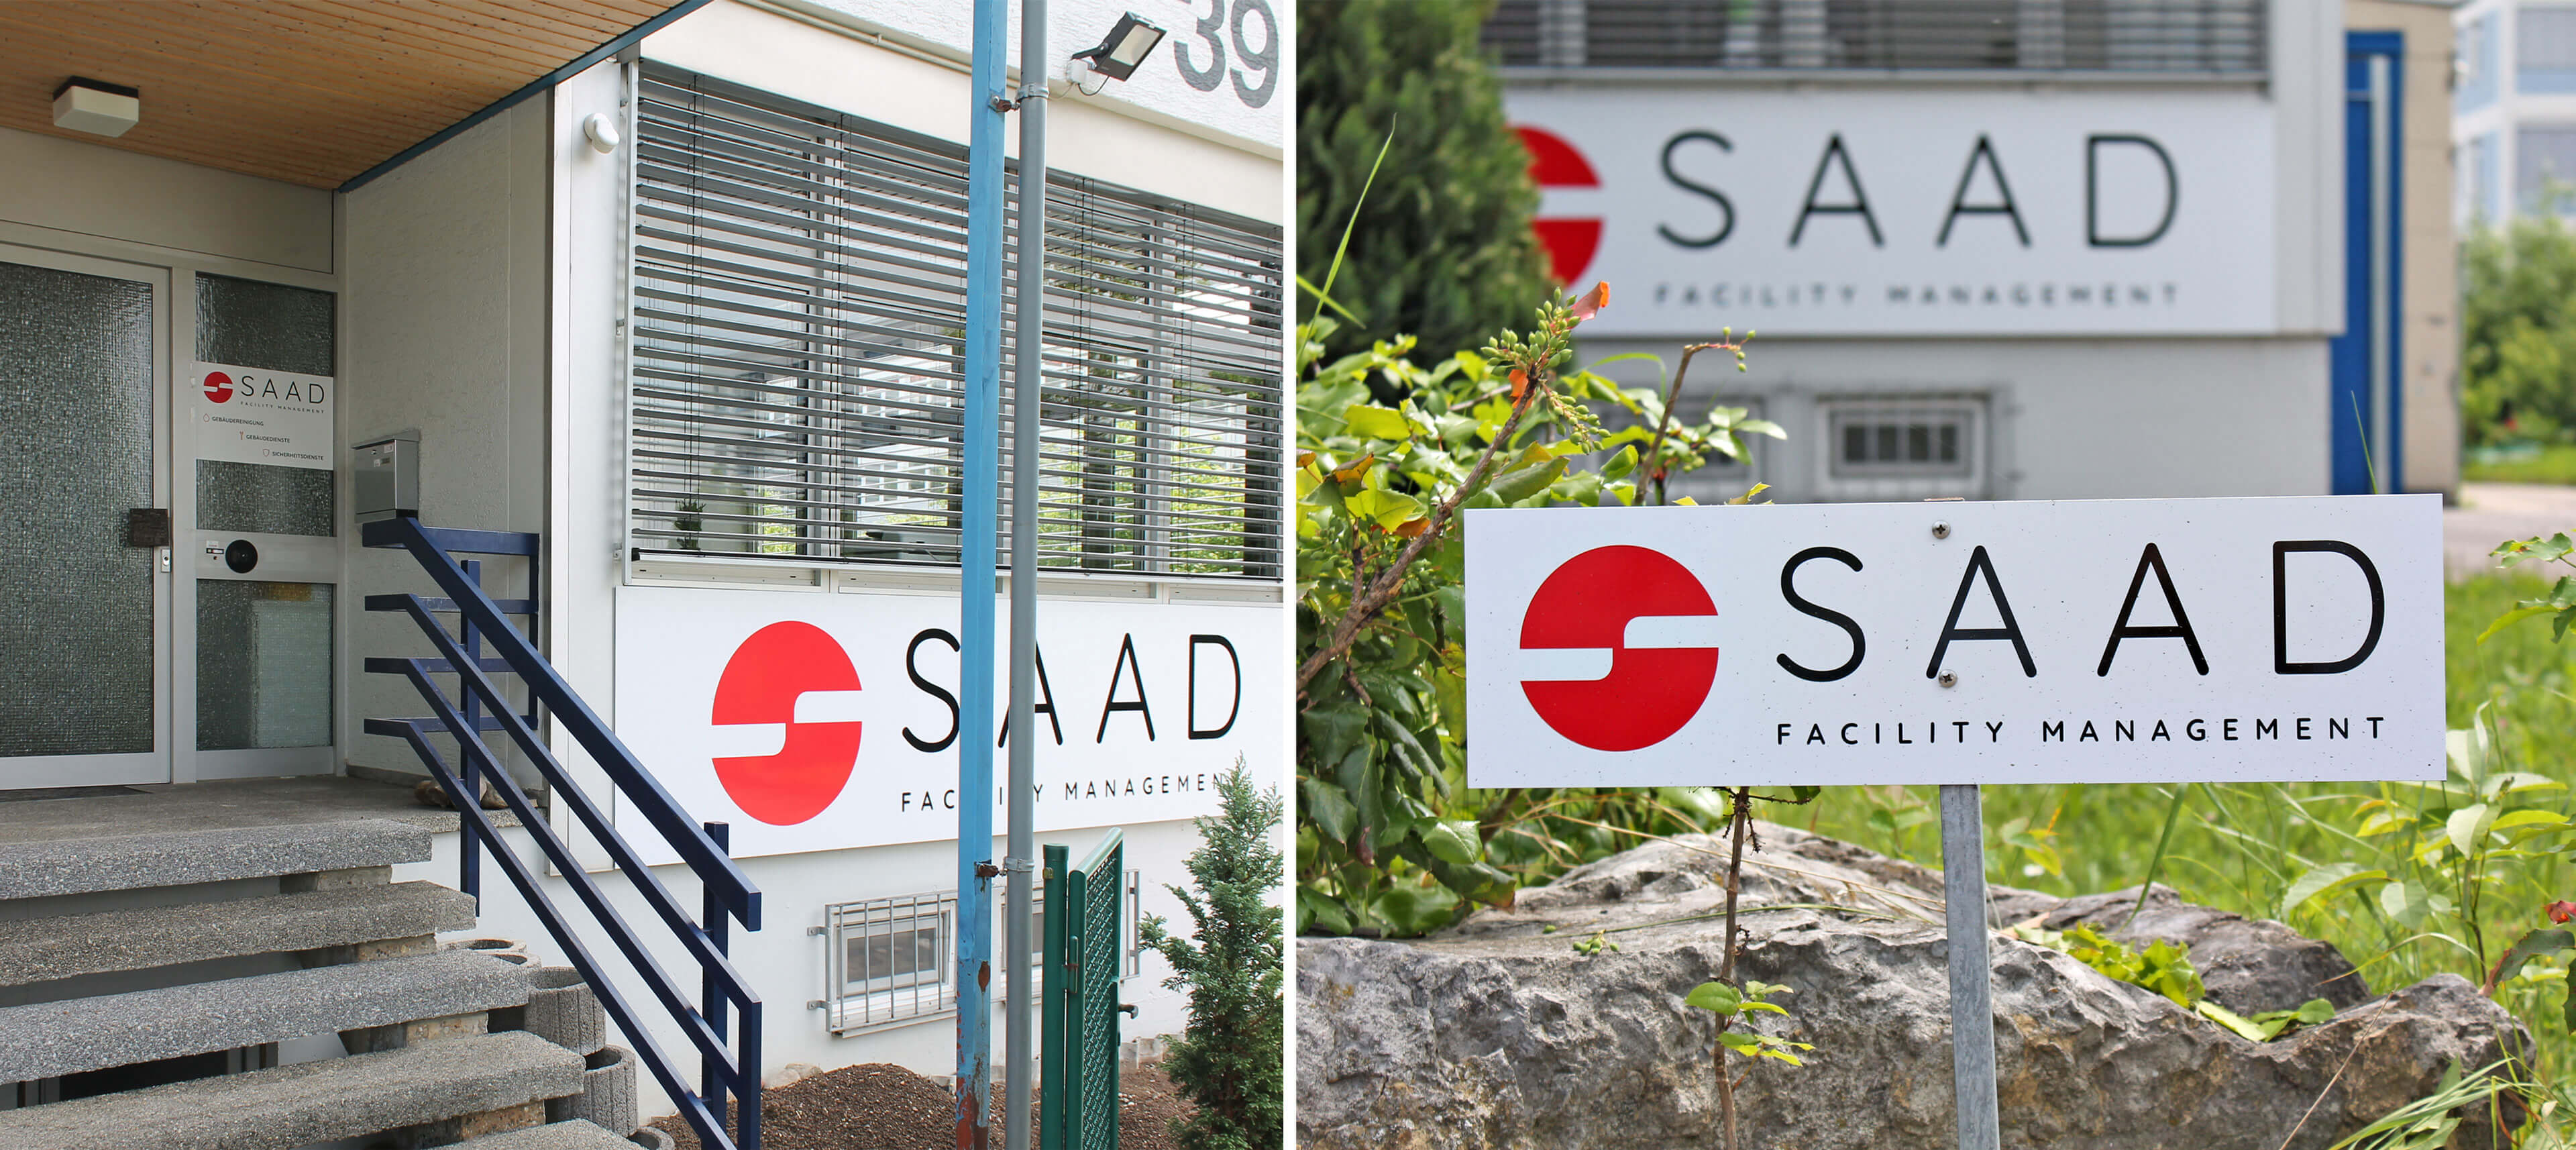 Das große Firmengebäude von SAAD Facility Management